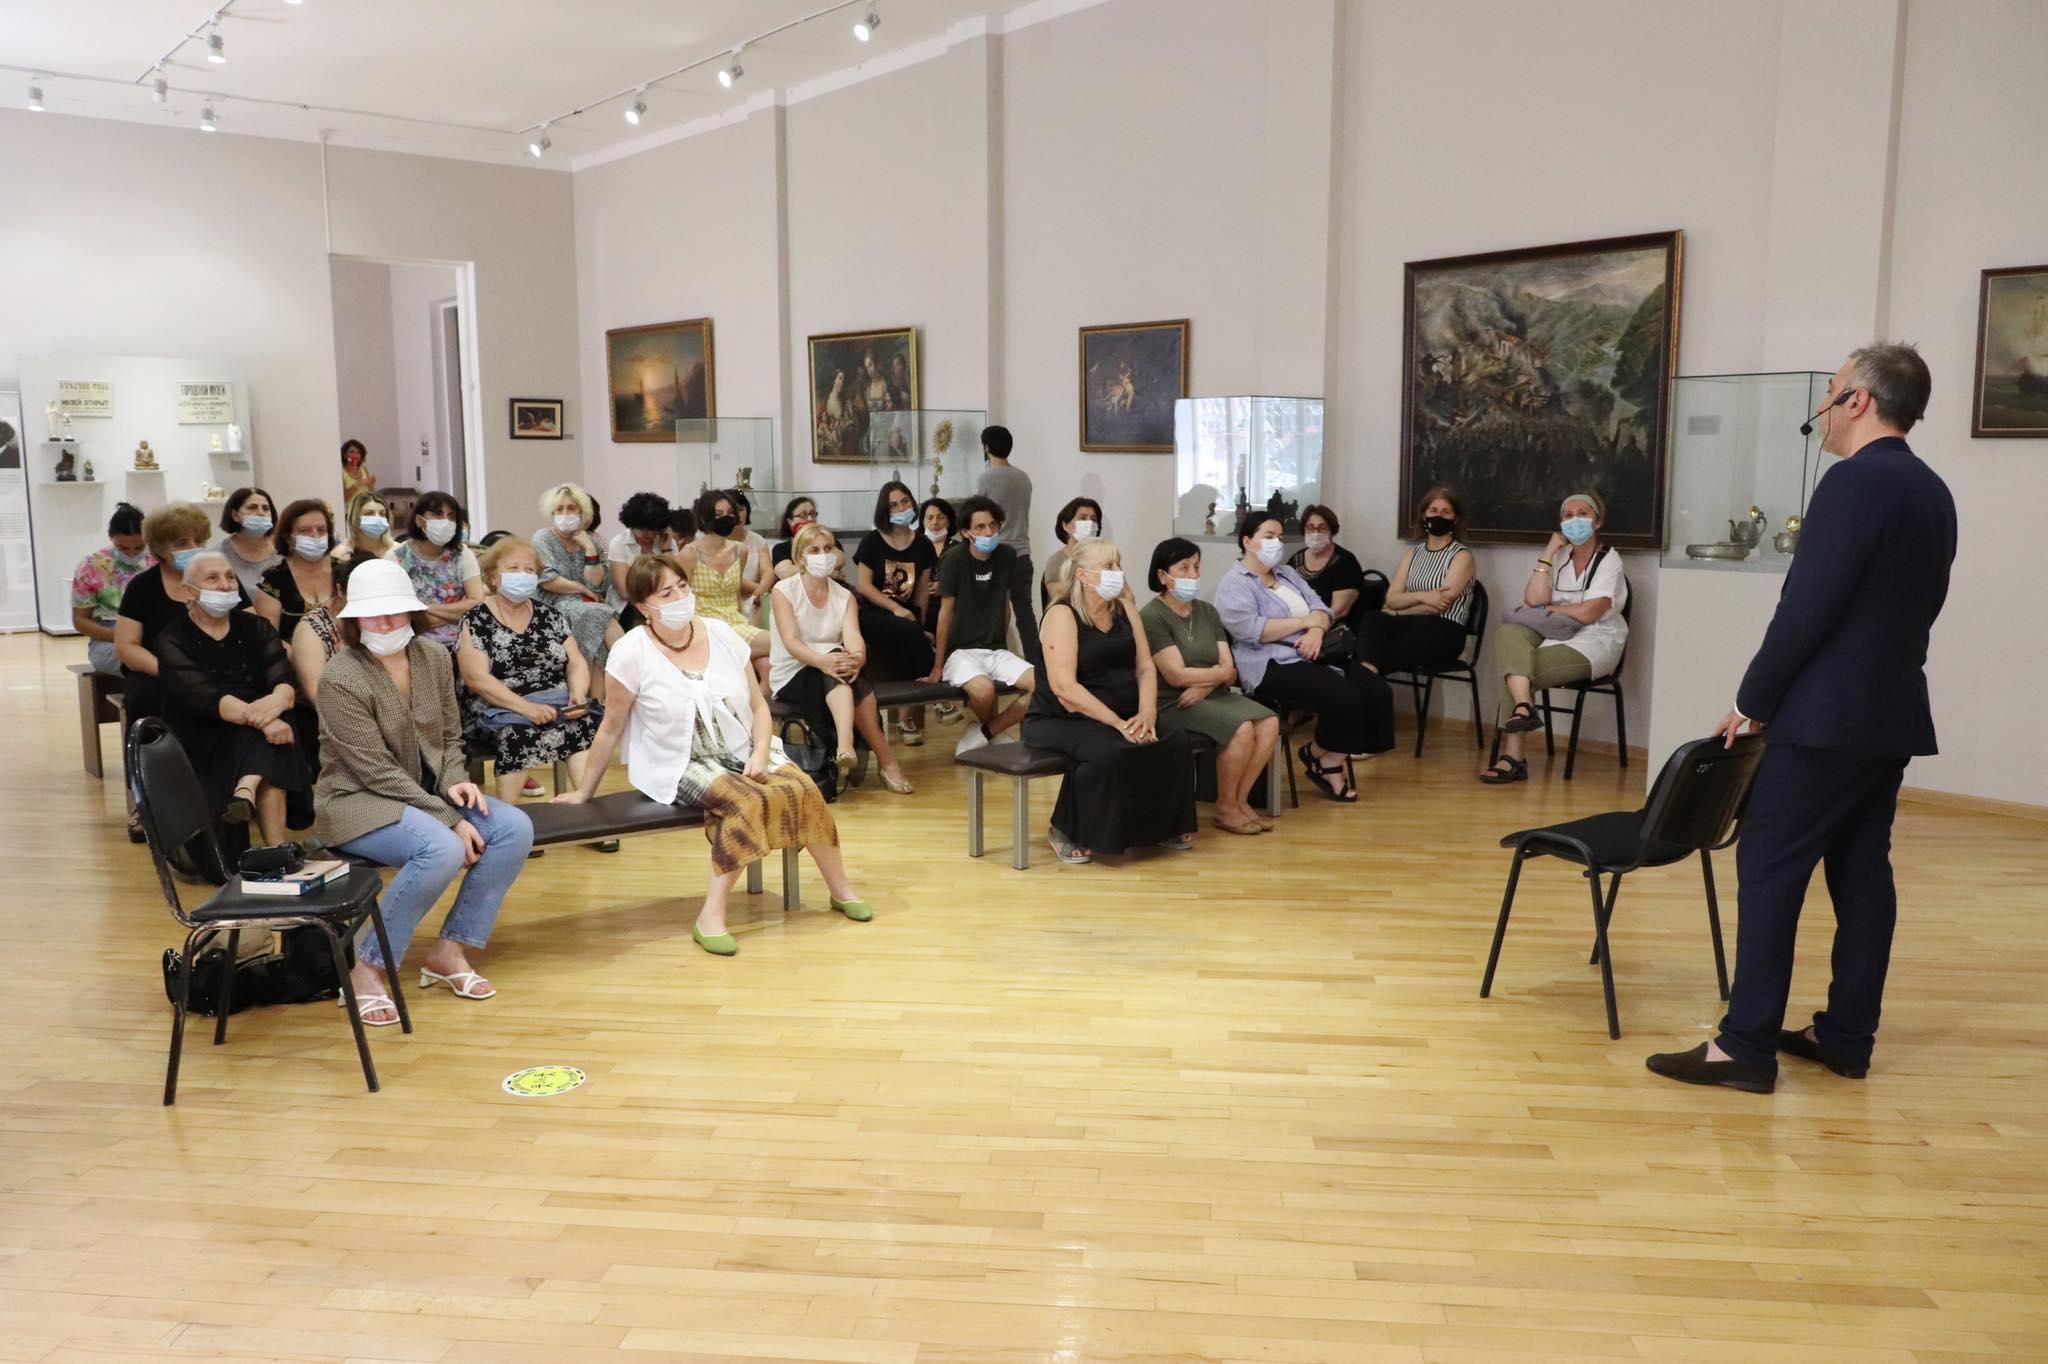 შეხვედრა-სემინარი ,,კულტურული მრავალფეროვნება''